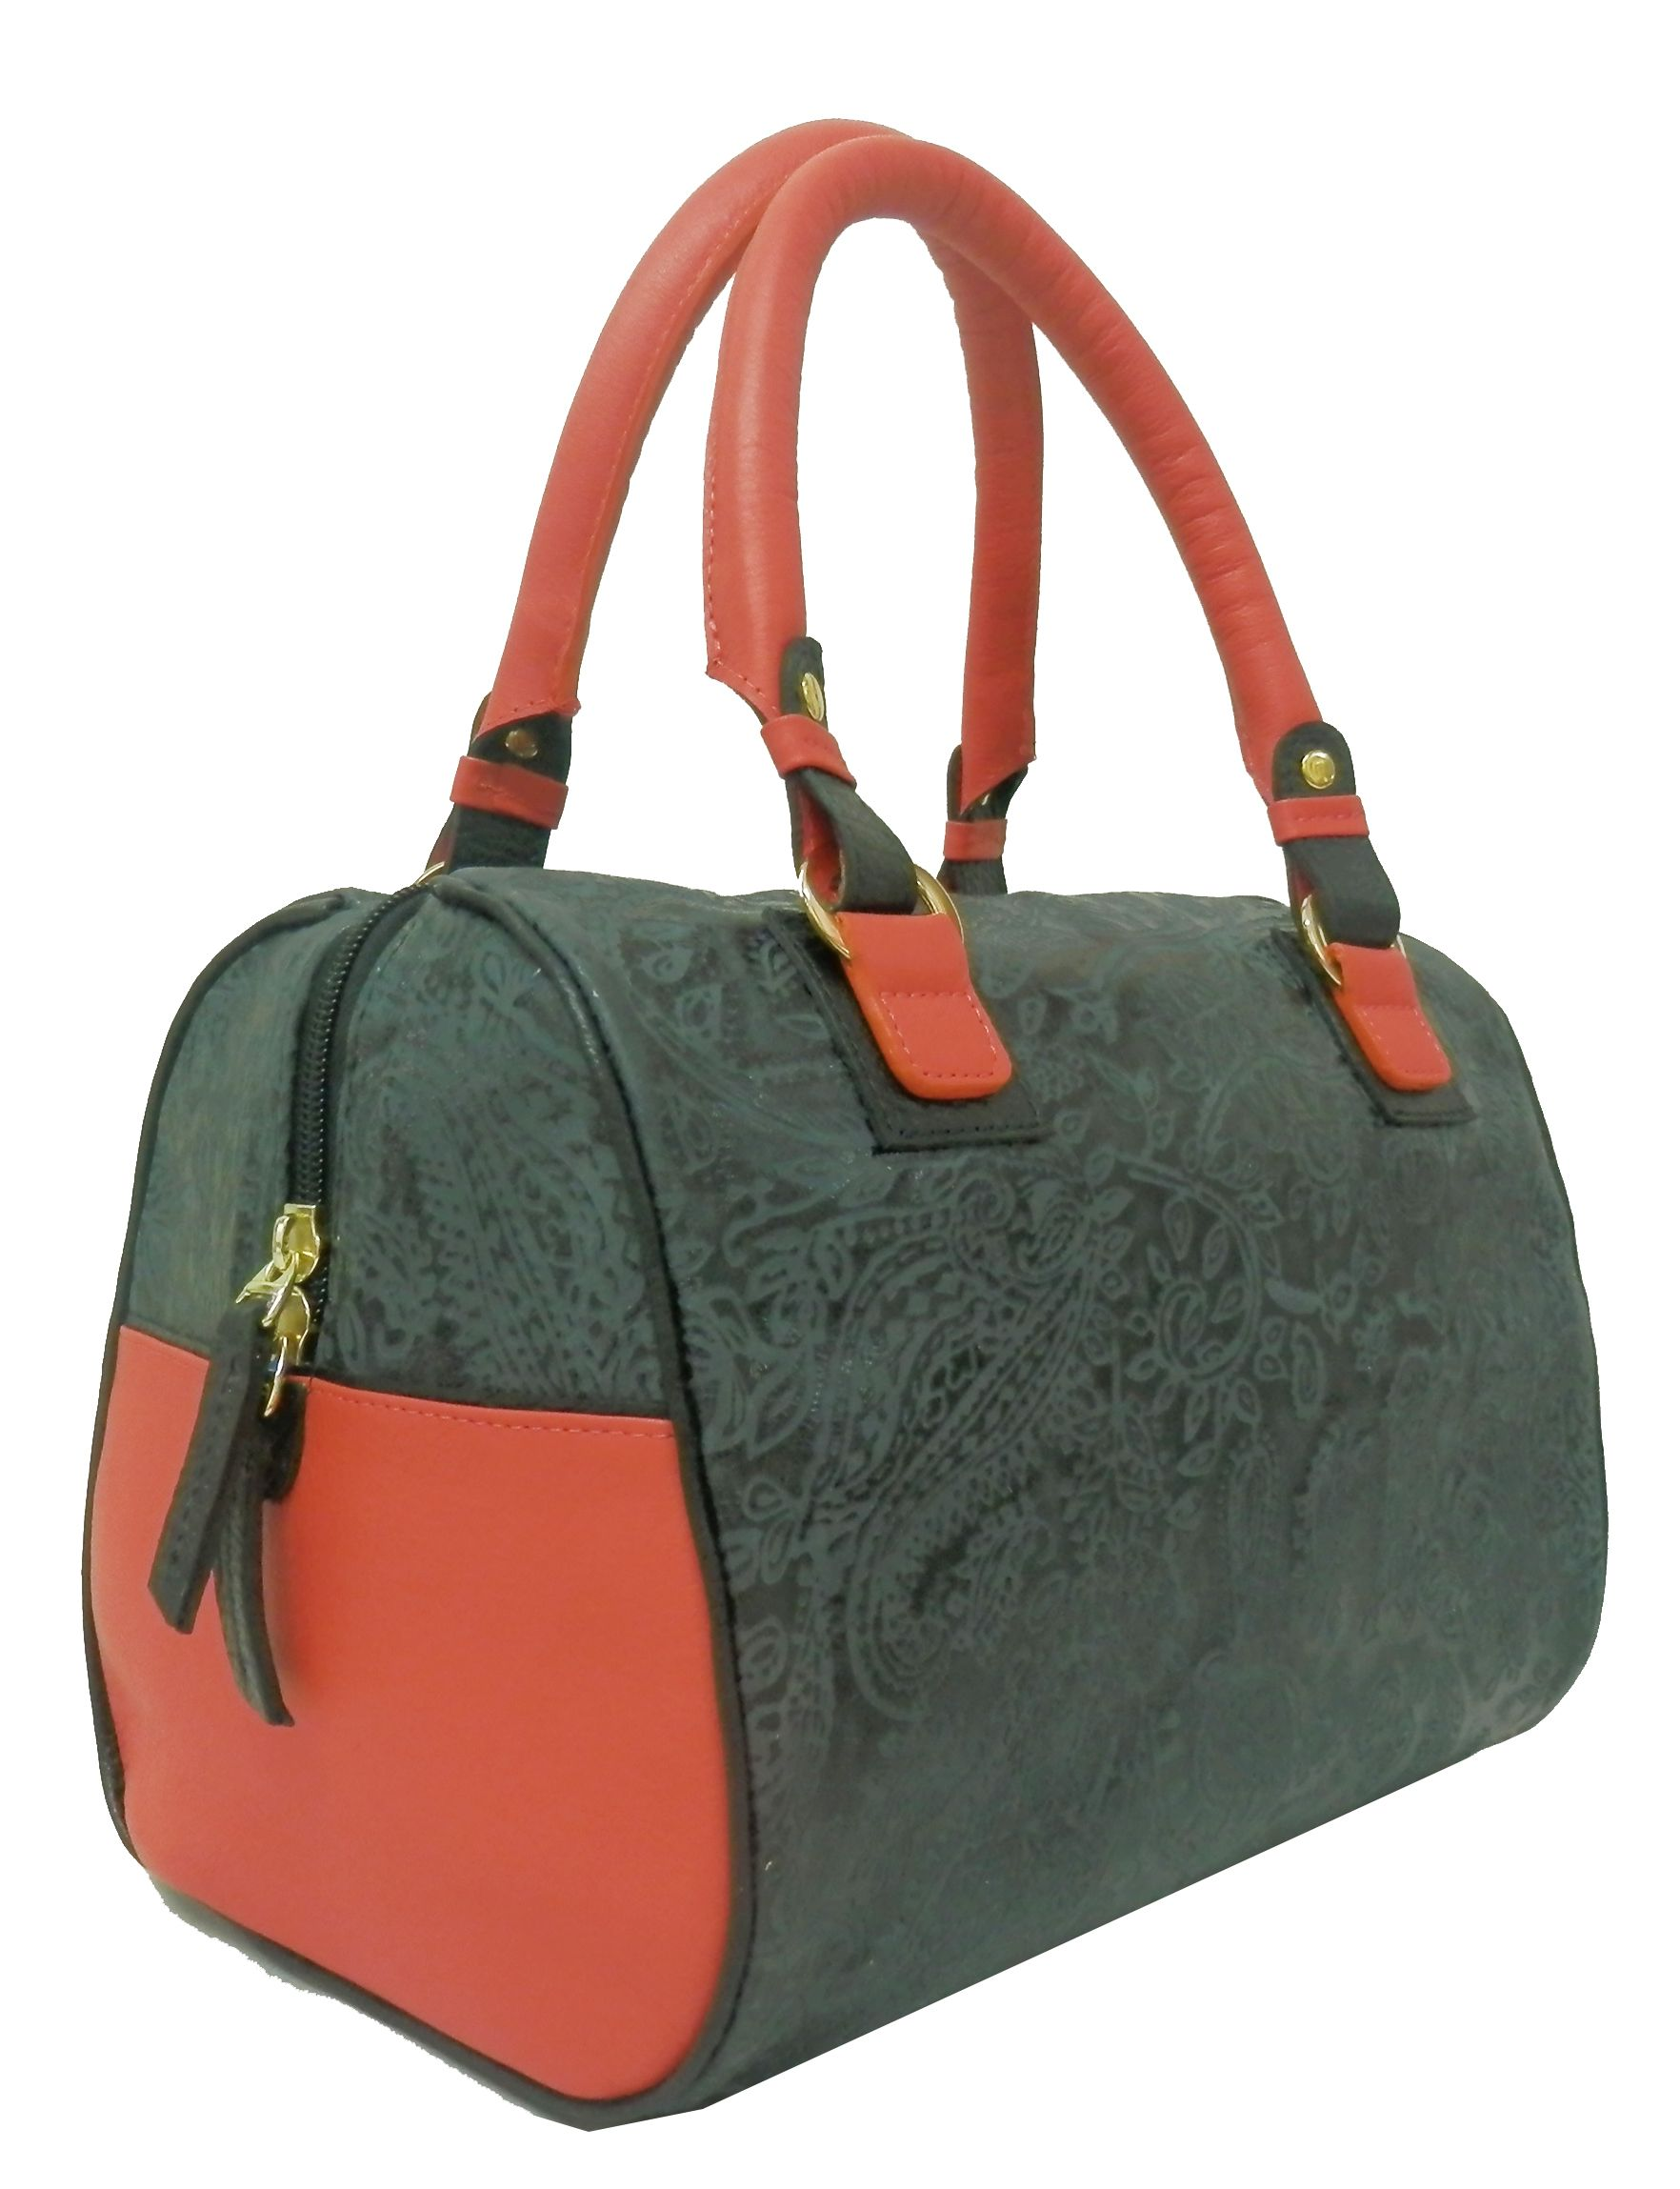 bb80422b7 Notio - Andrea Satchel Estampado REF: NTB0121419-60. Imprinted and smooth  leather baul